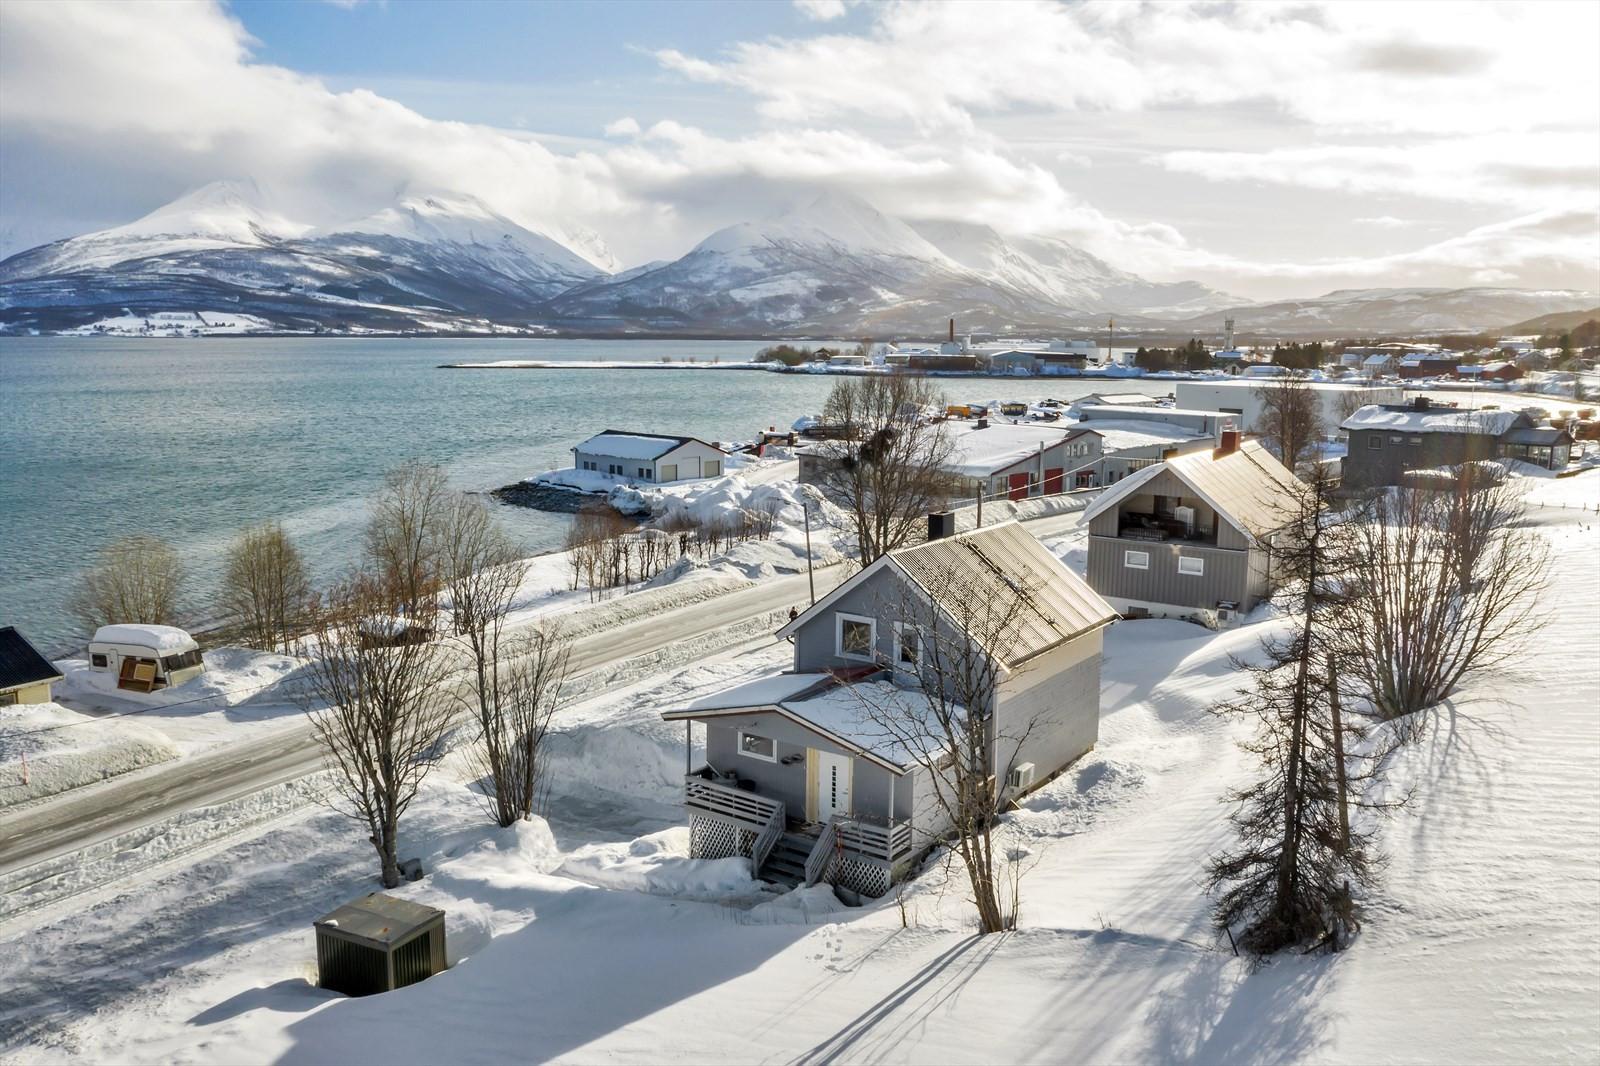 Luftfoto av beliggenhet og eiendommen.